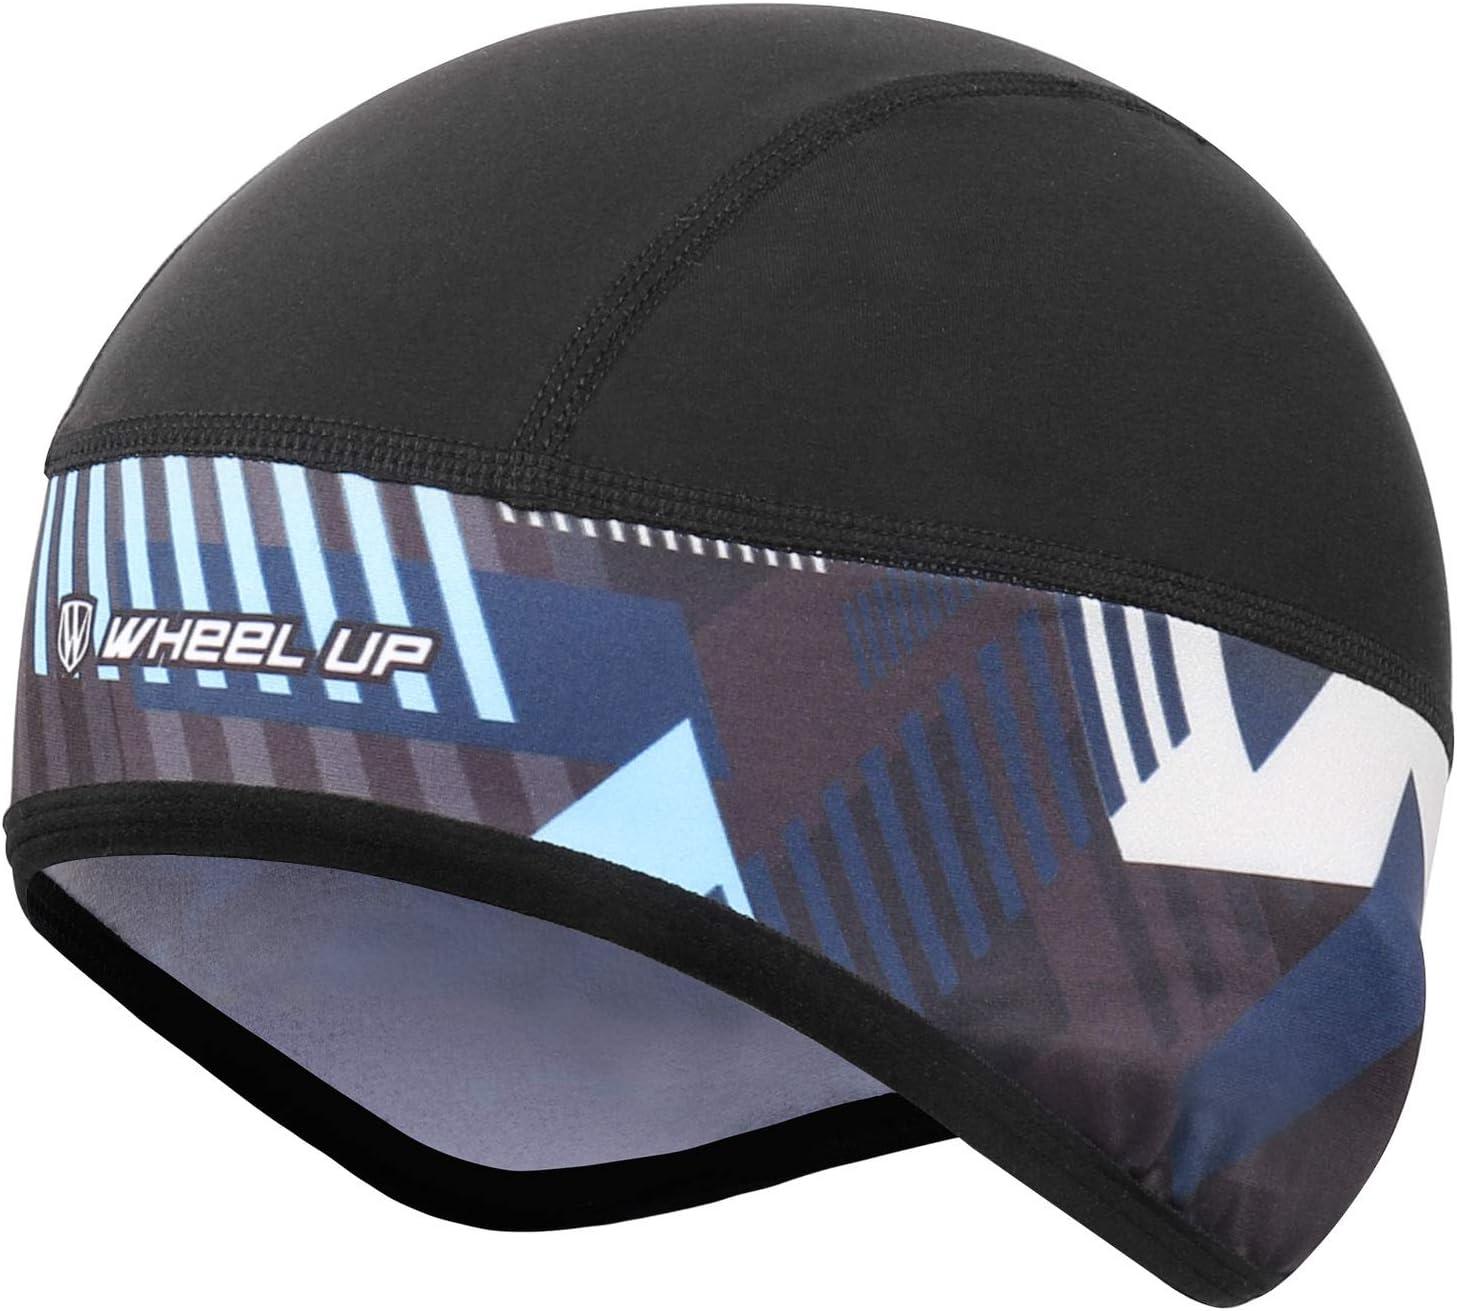 Casquette de Cyclisme Homme Bonnet sous Casque Casquette Skull Cap Hiver en Polaire Chaud Coupe-vent Respirant Calotte de Cyclisme Adapt/é /à la Course V/élo Ski Moto Randonn/ée